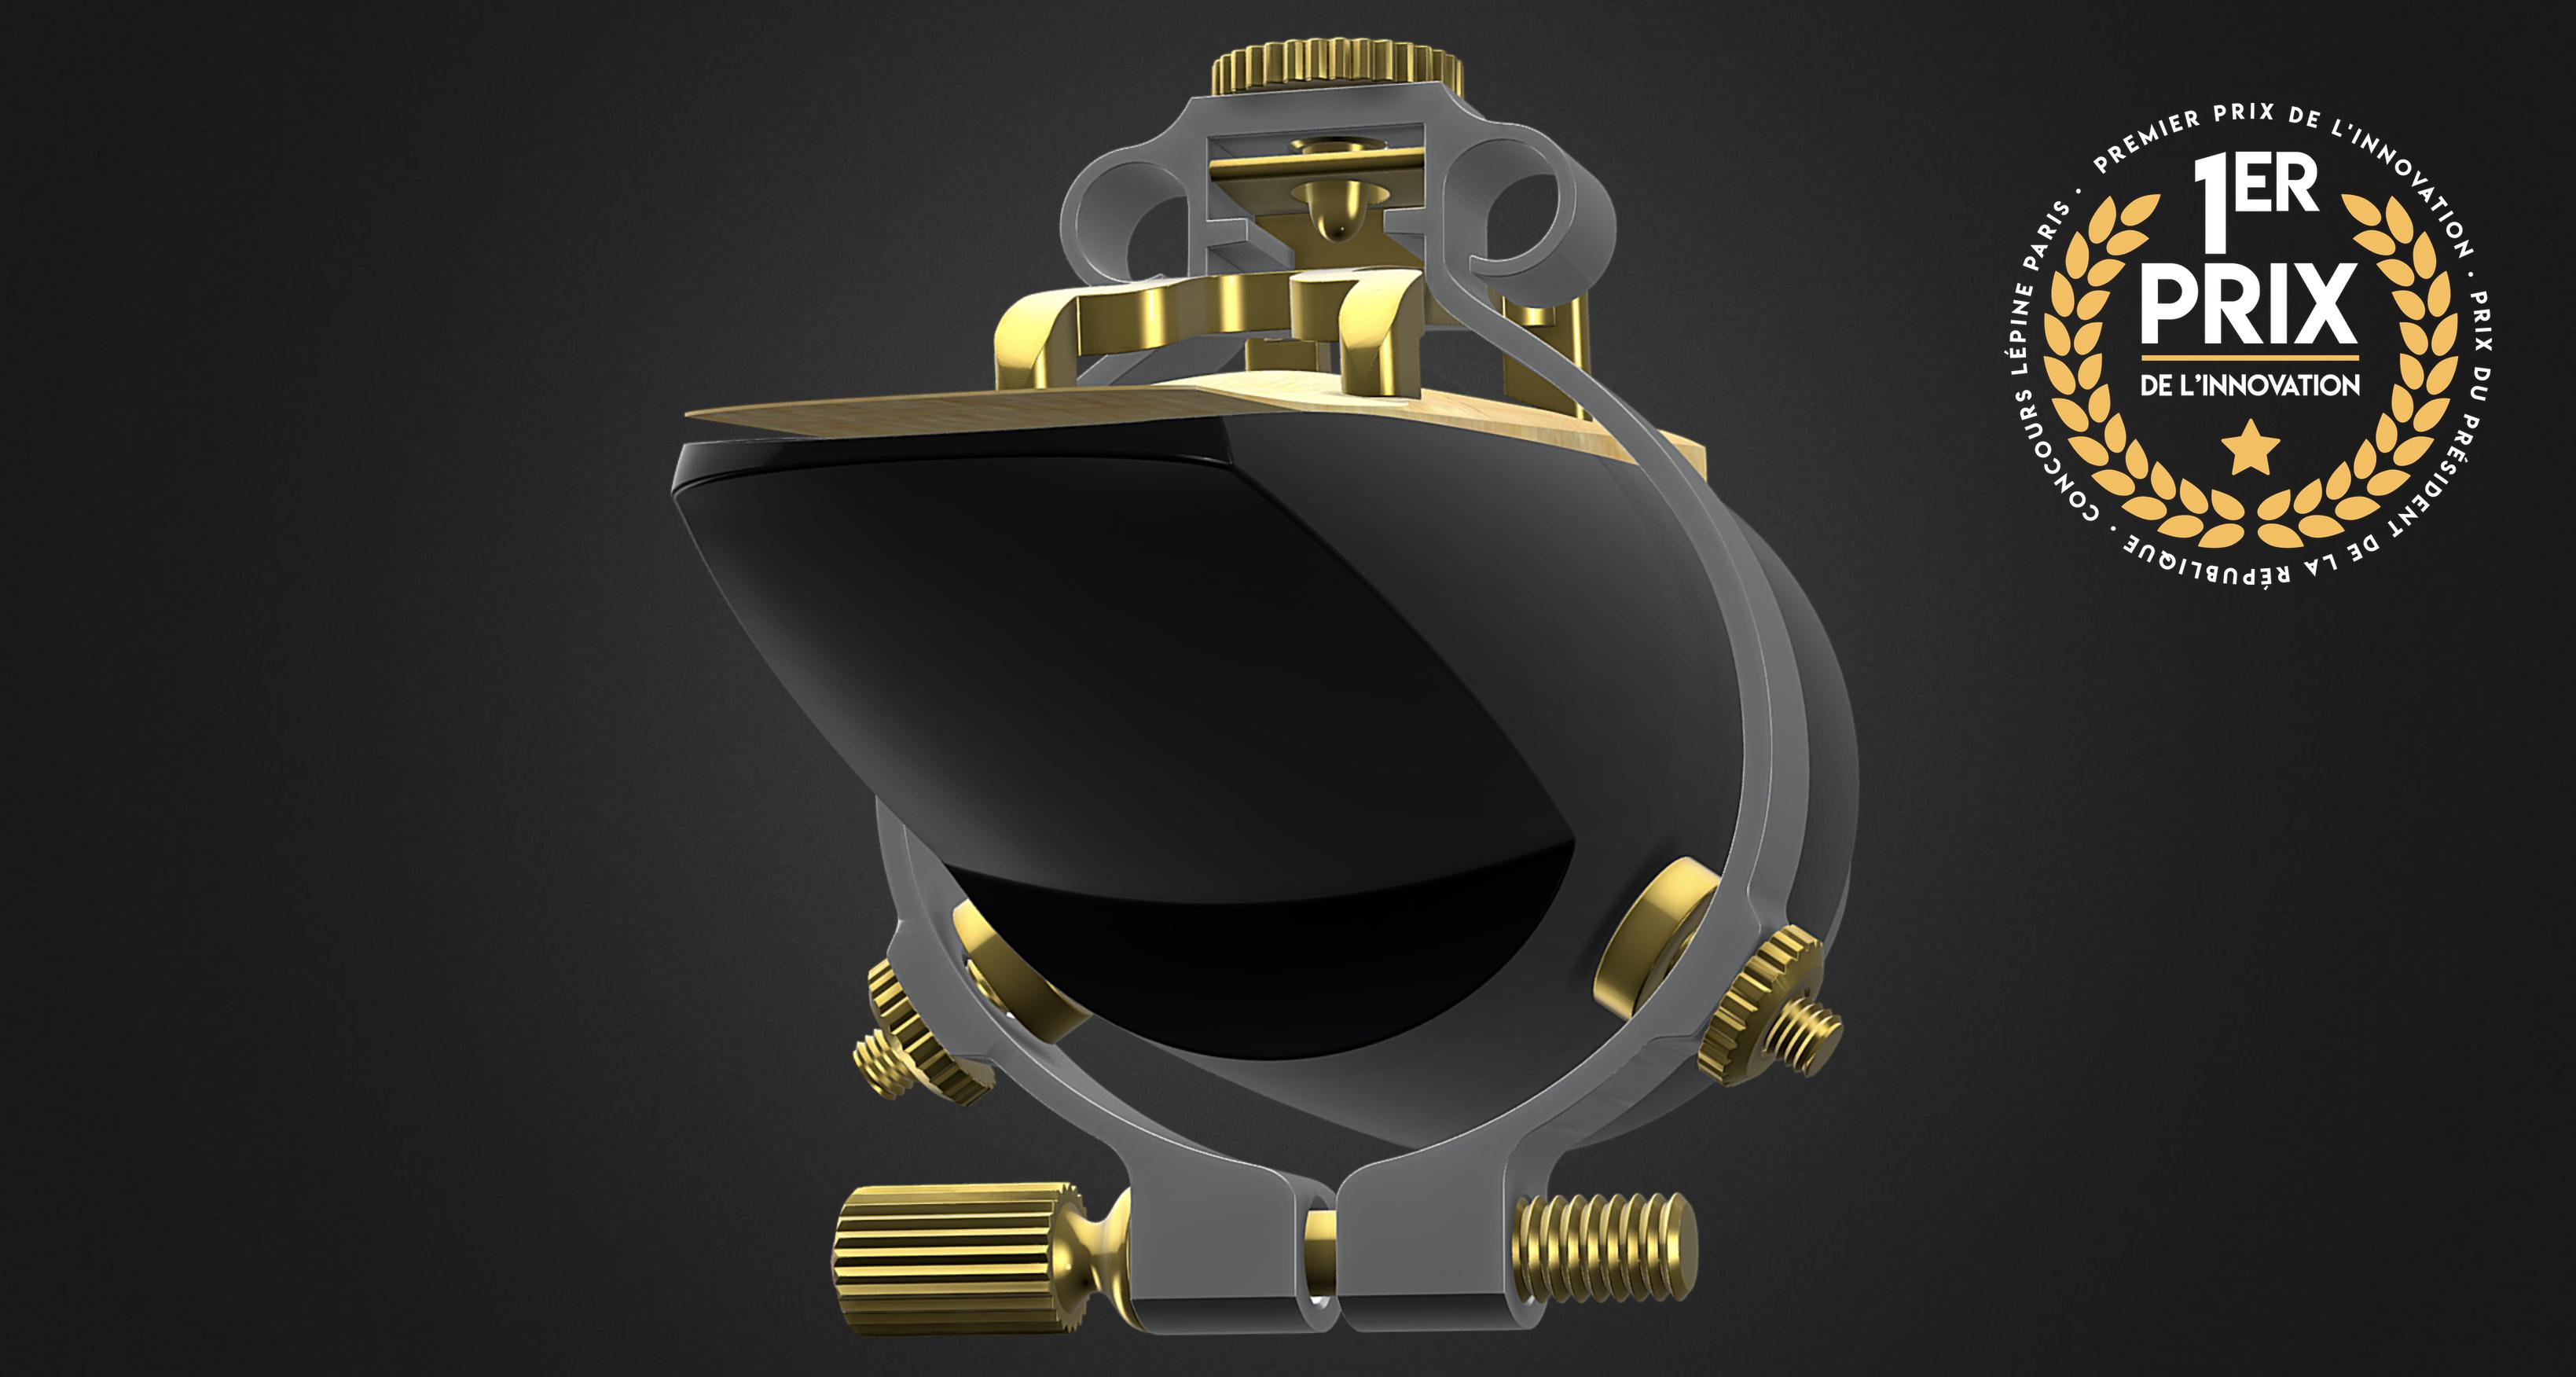 Ligature JLV - Un prix de l'innovation au Concours Lépine Paris 2013